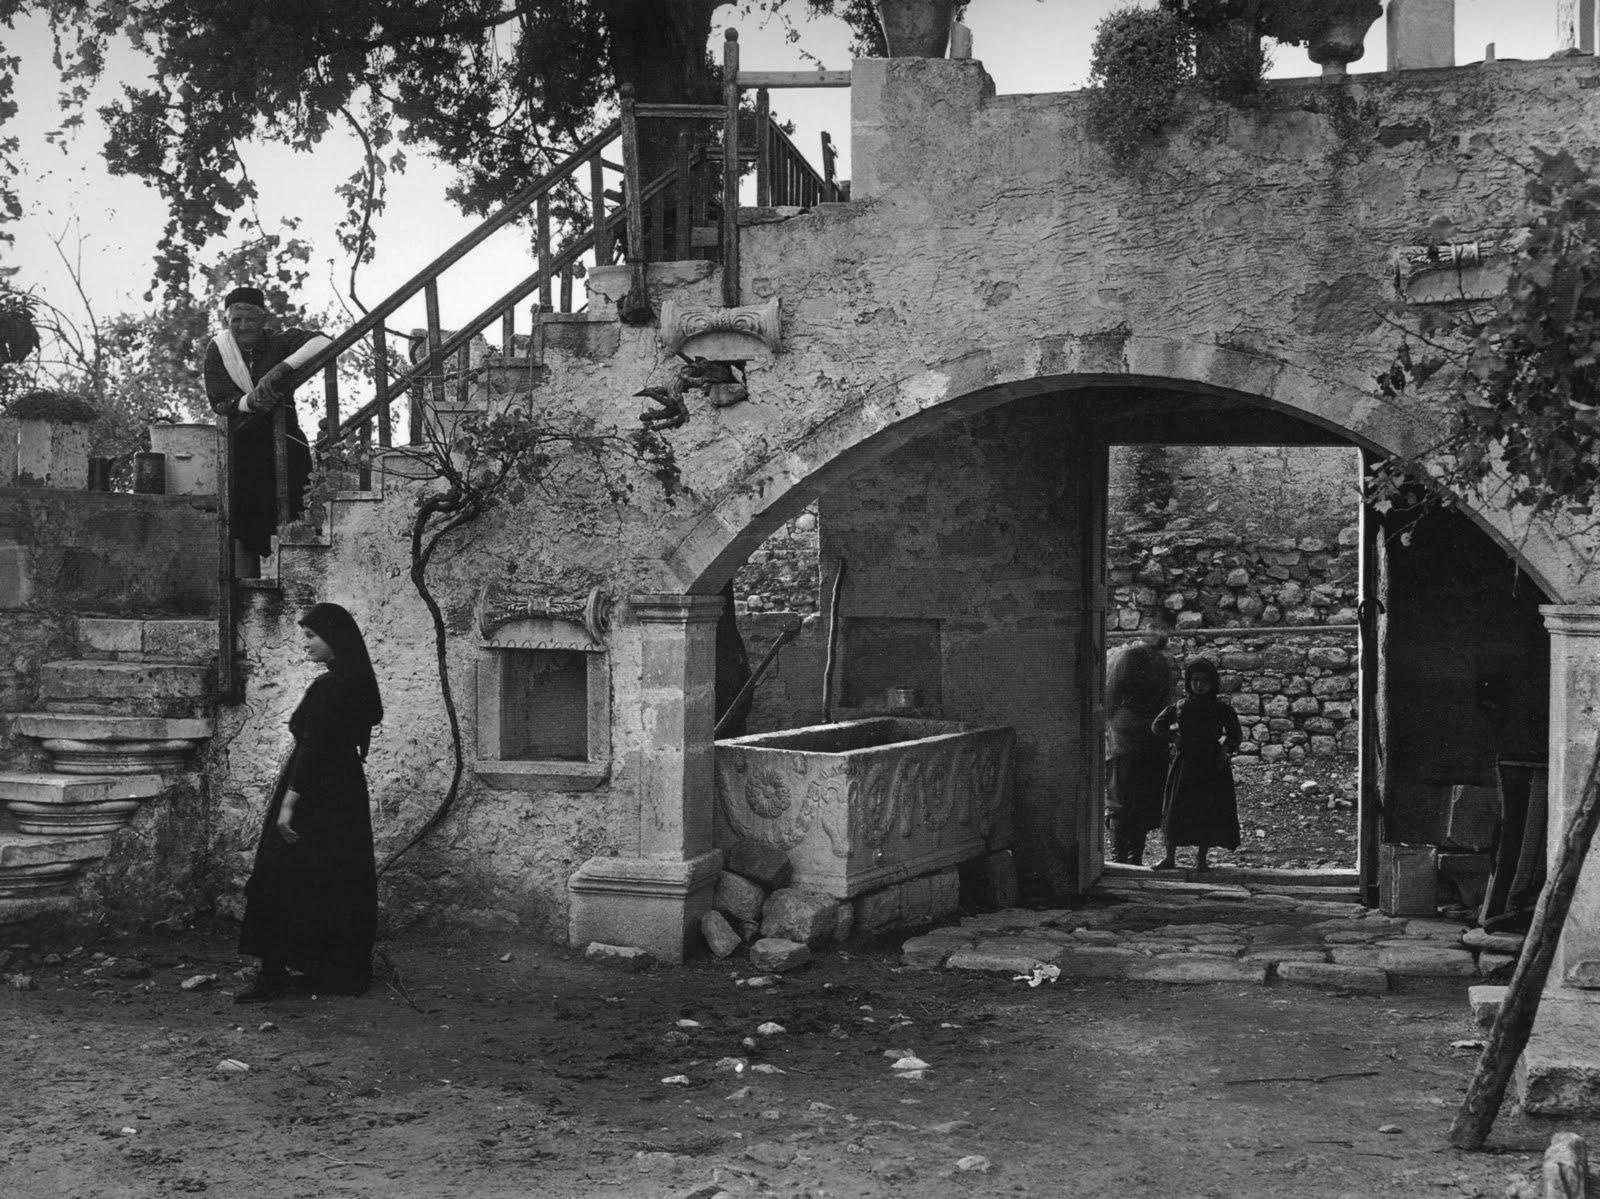 Αγιοι Δέκα - Οικία Ηλιάκη - 1911